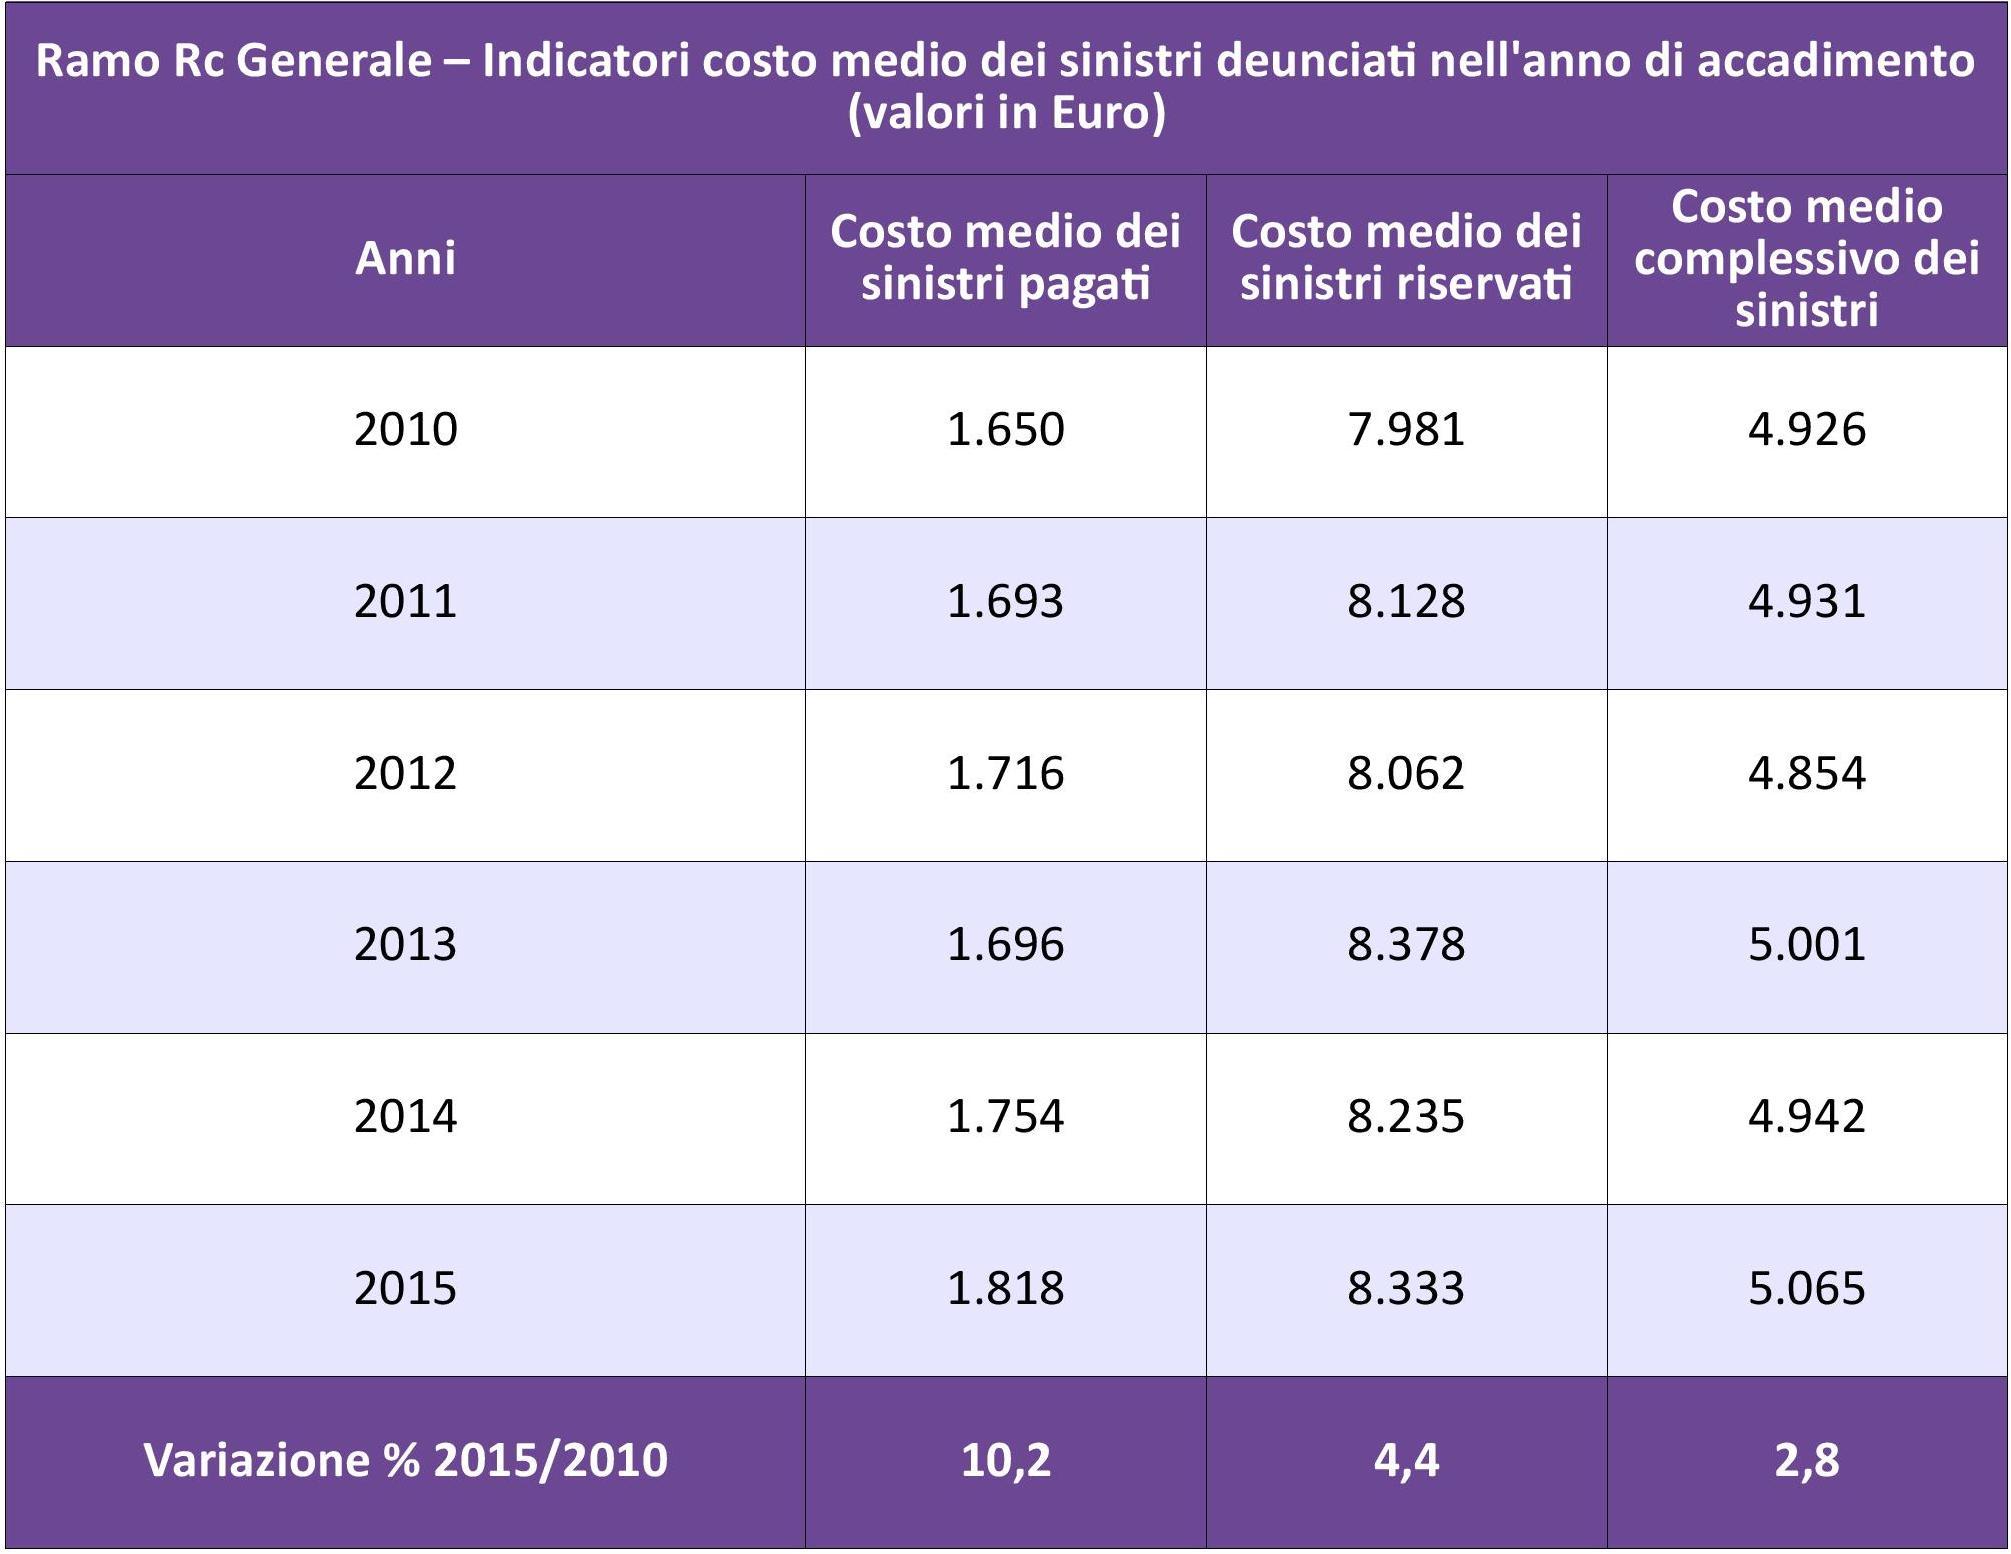 Ivass attivit assicurativa 2010 2015 nel comparto salute for Costo medio dei progetti